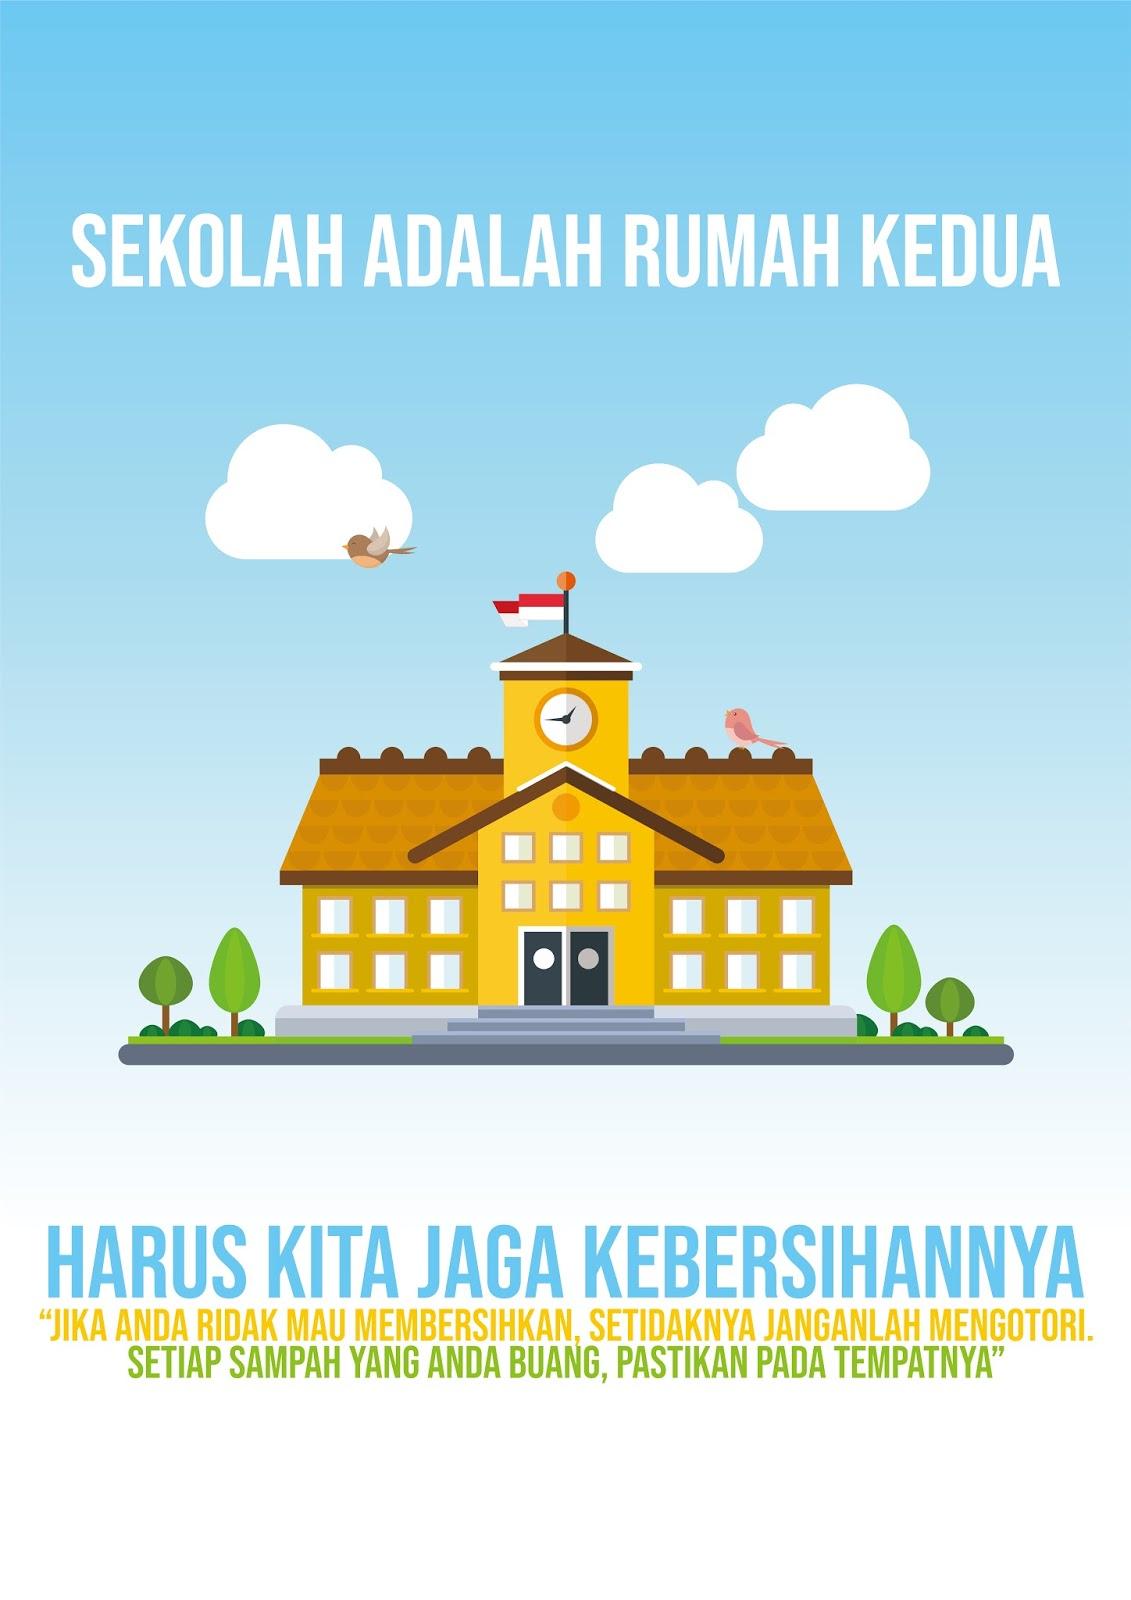 Contoh Poster Lingkungan Sekolah